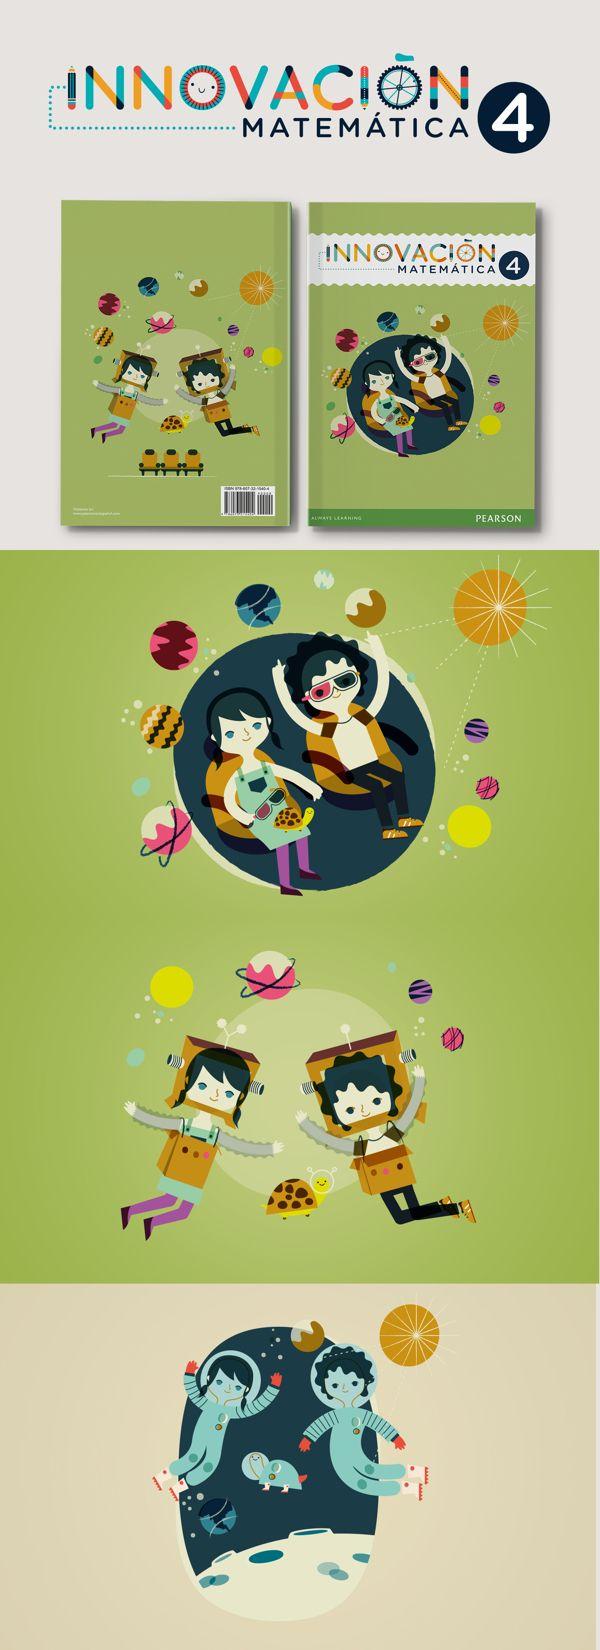 Innovación Matemática 4 by Cherry Bomb Design Studio, via Behance